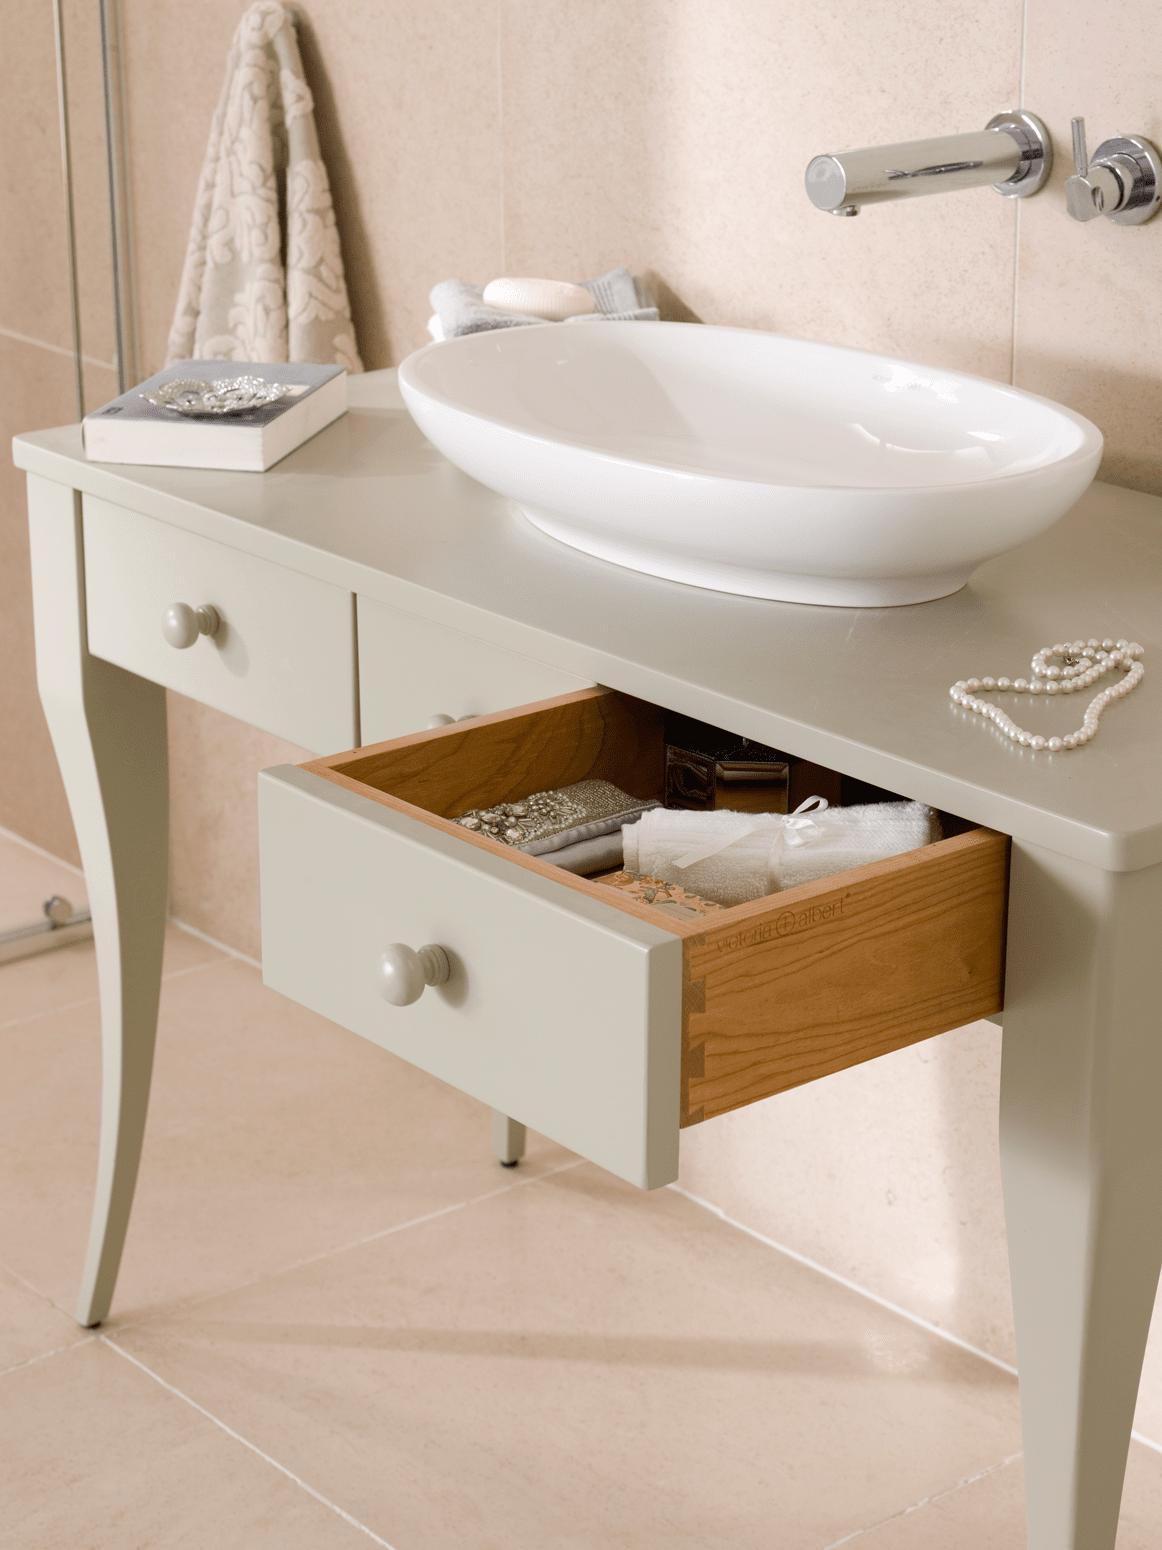 Mobili o console per lavabo classici country o romantici cose di casa - Lavandino bagno con mobile mondo convenienza ...